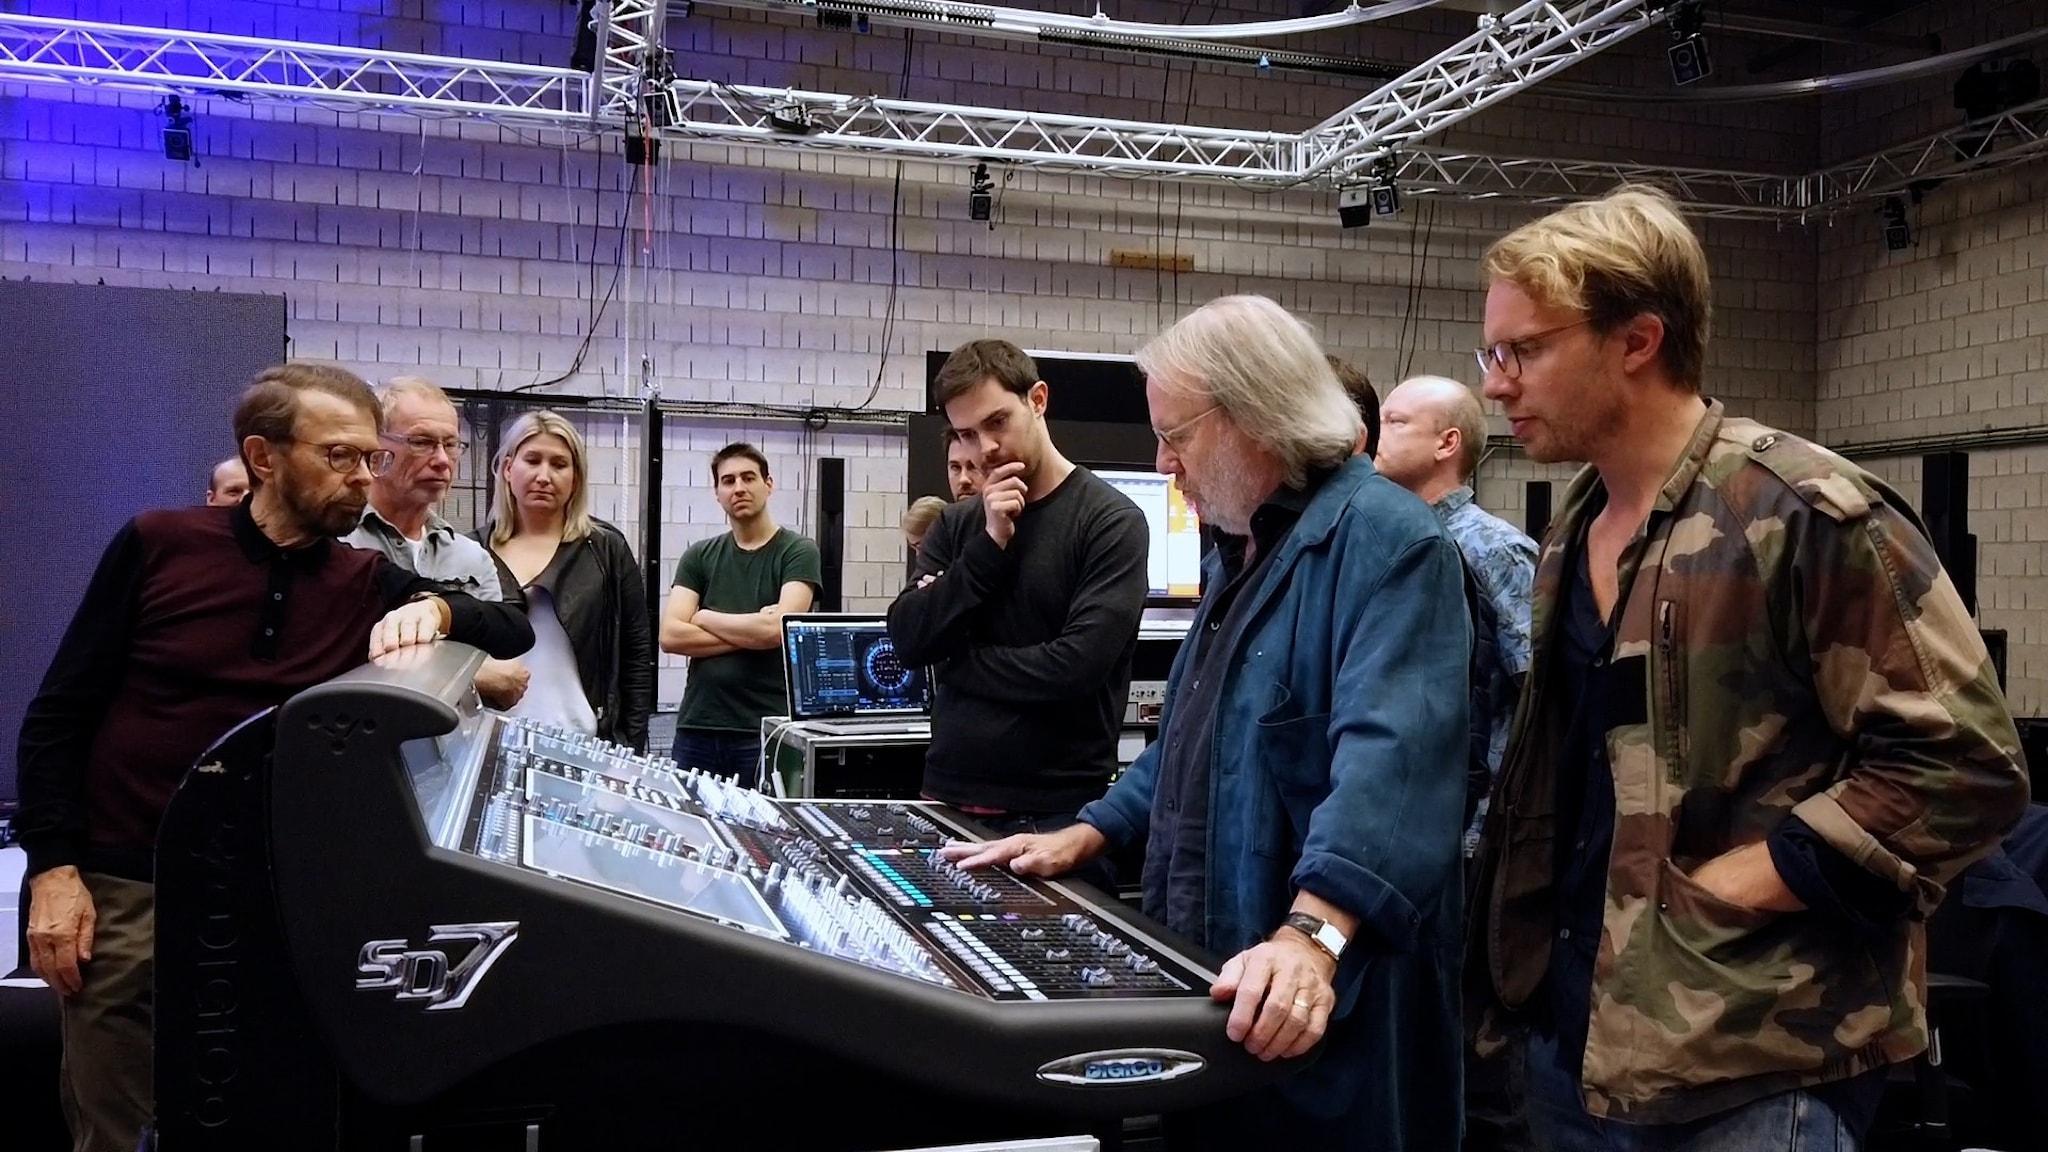 Benny och Ludvig Andersson runt utrustning.